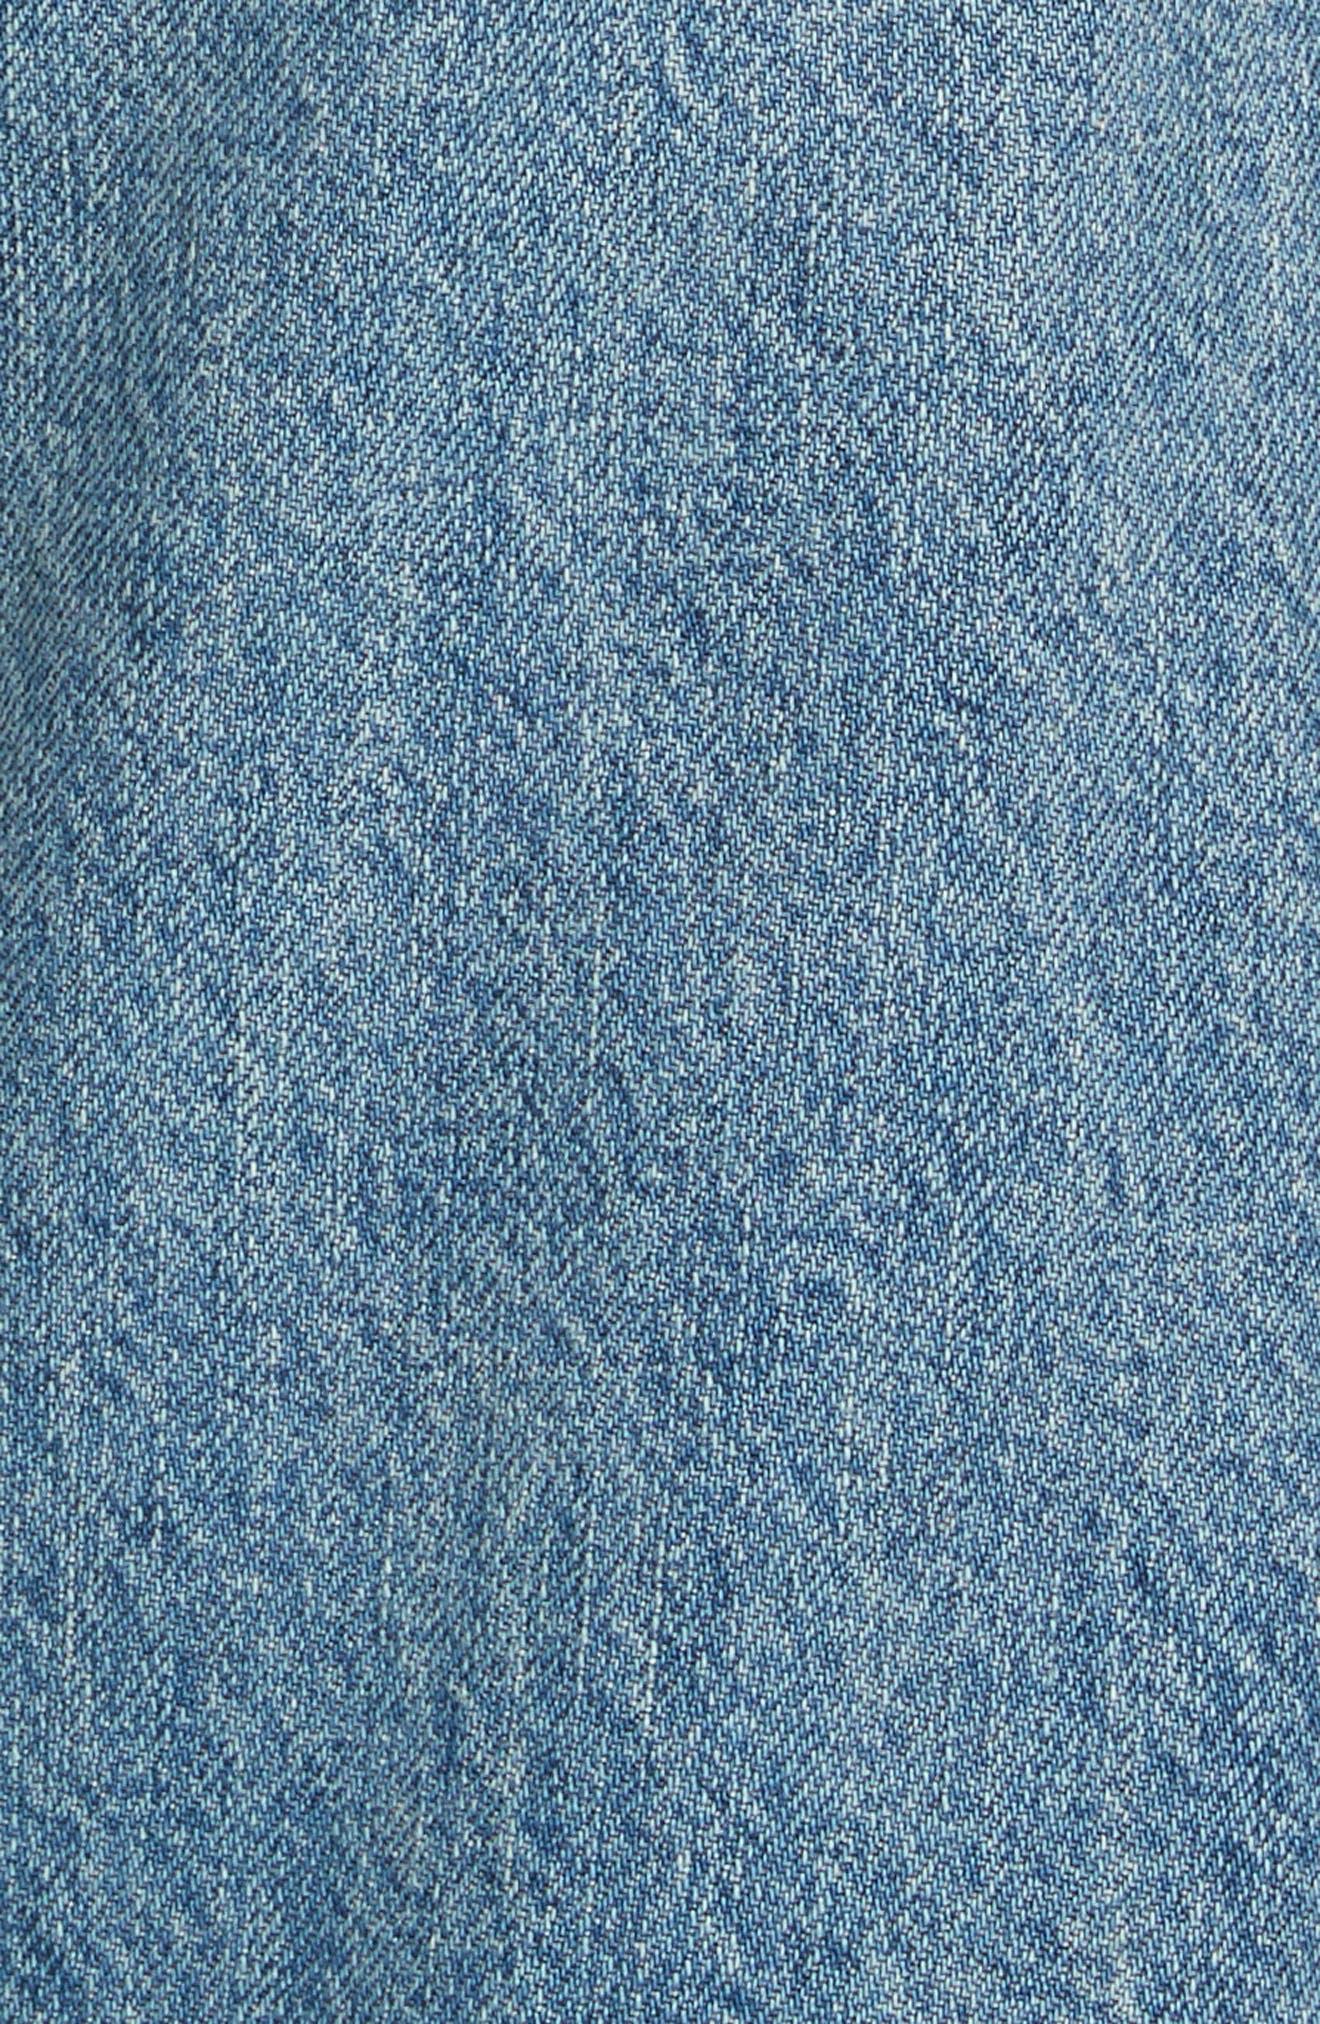 Laurent High Rise Distressed Boyfriend Jeans,                             Alternate thumbnail 5, color,                             VINTAGE